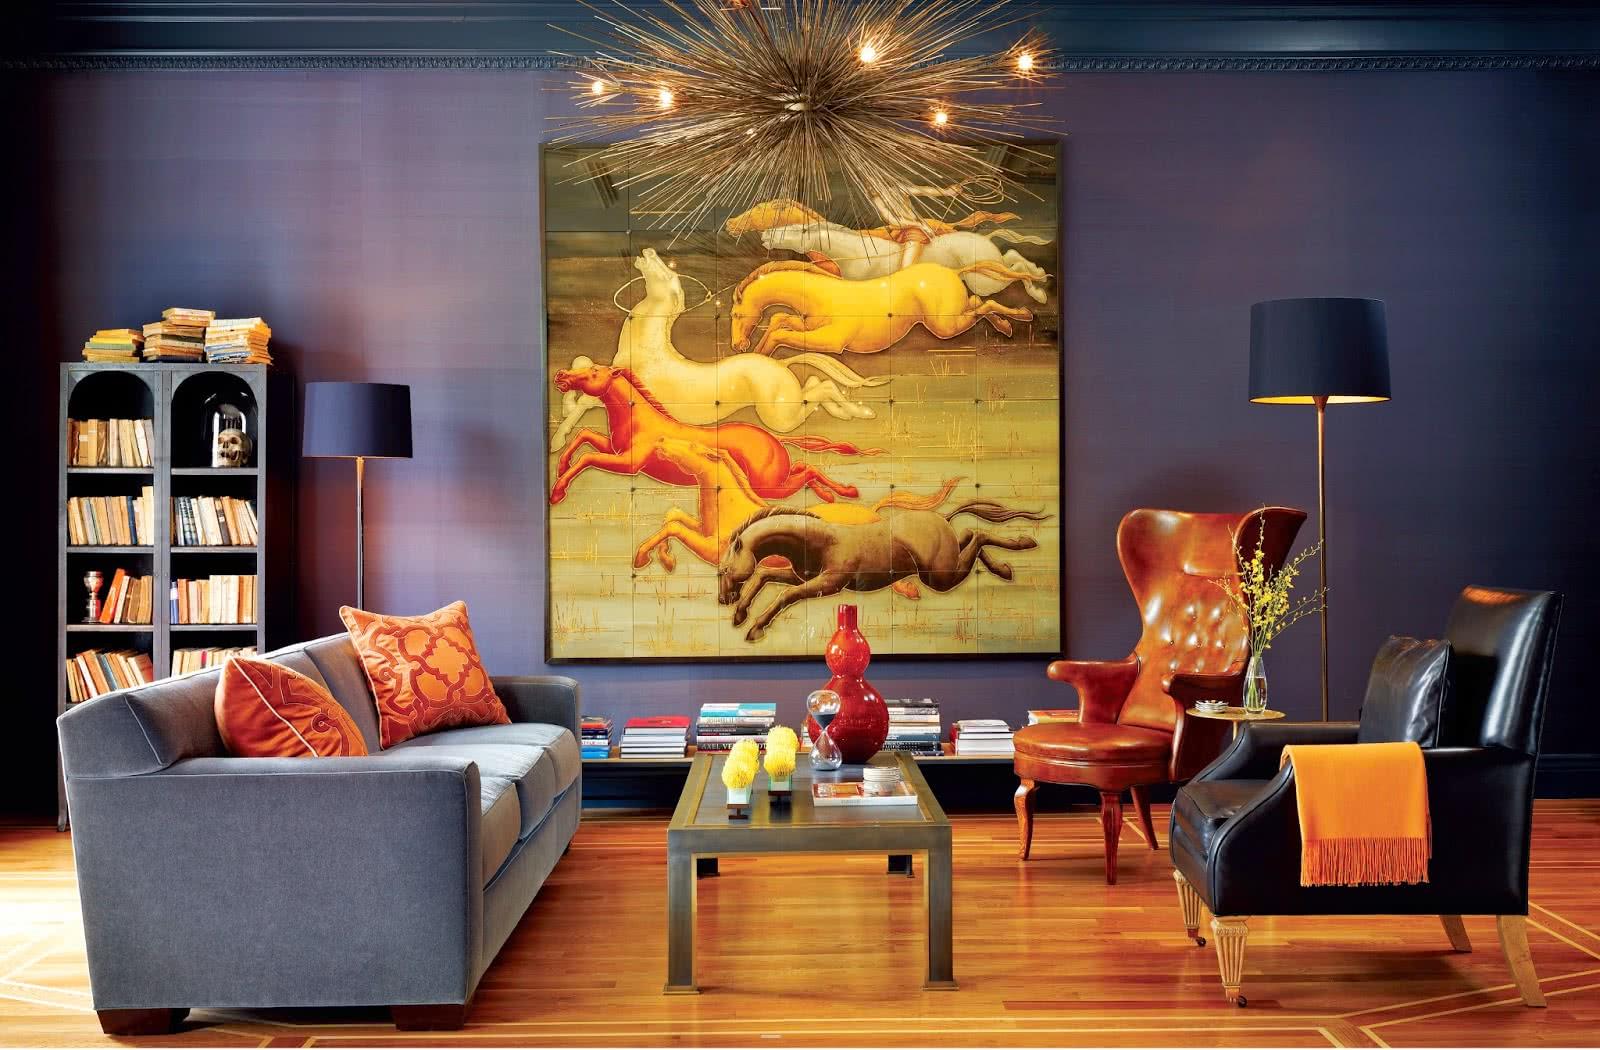 постеры интерьер гостиная фото польской